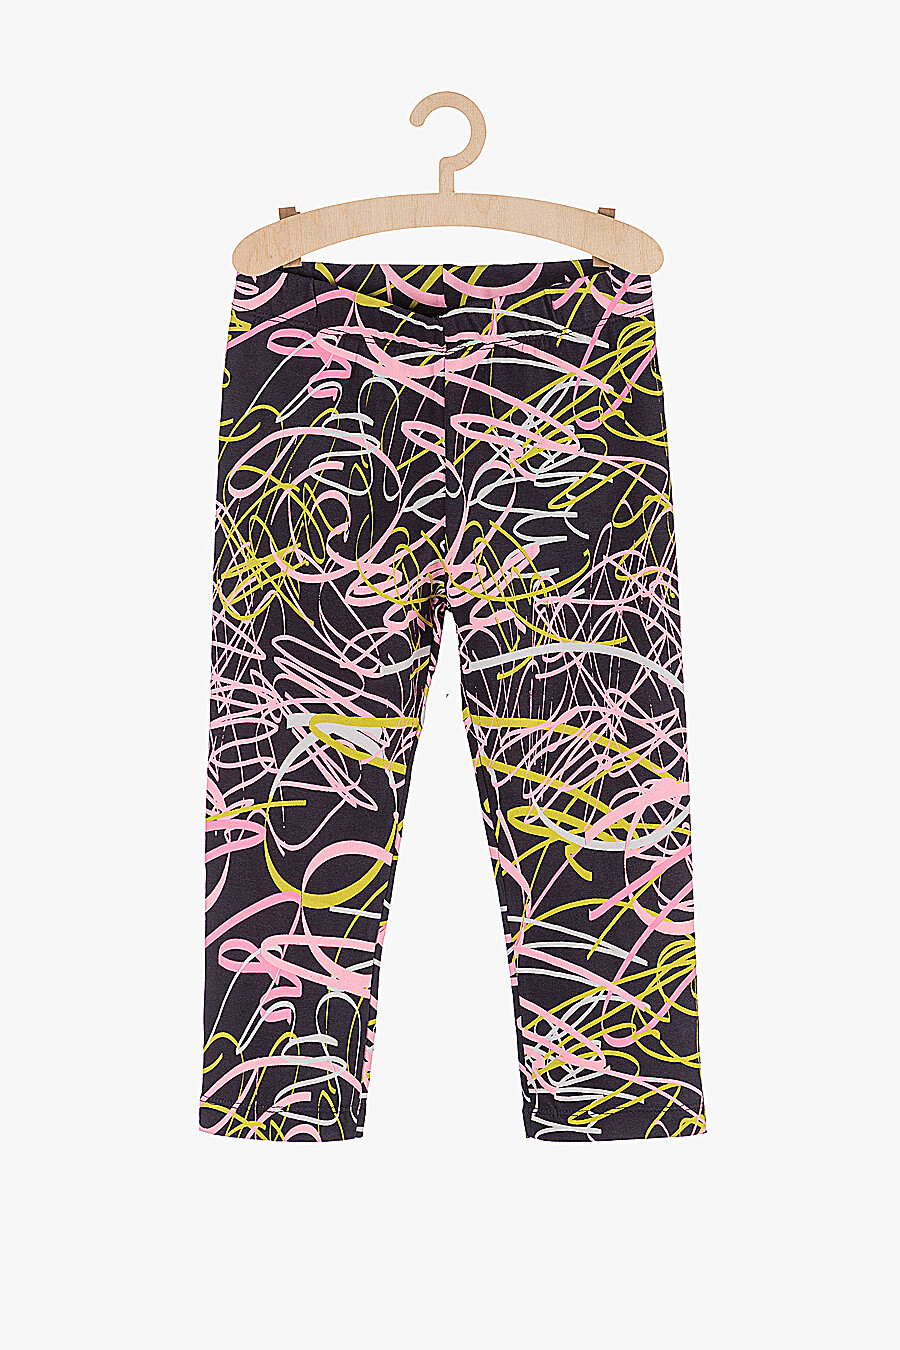 Леггинсы для девочек 5.10.15 218400 купить оптом от производителя. Совместная покупка детской одежды в OptMoyo